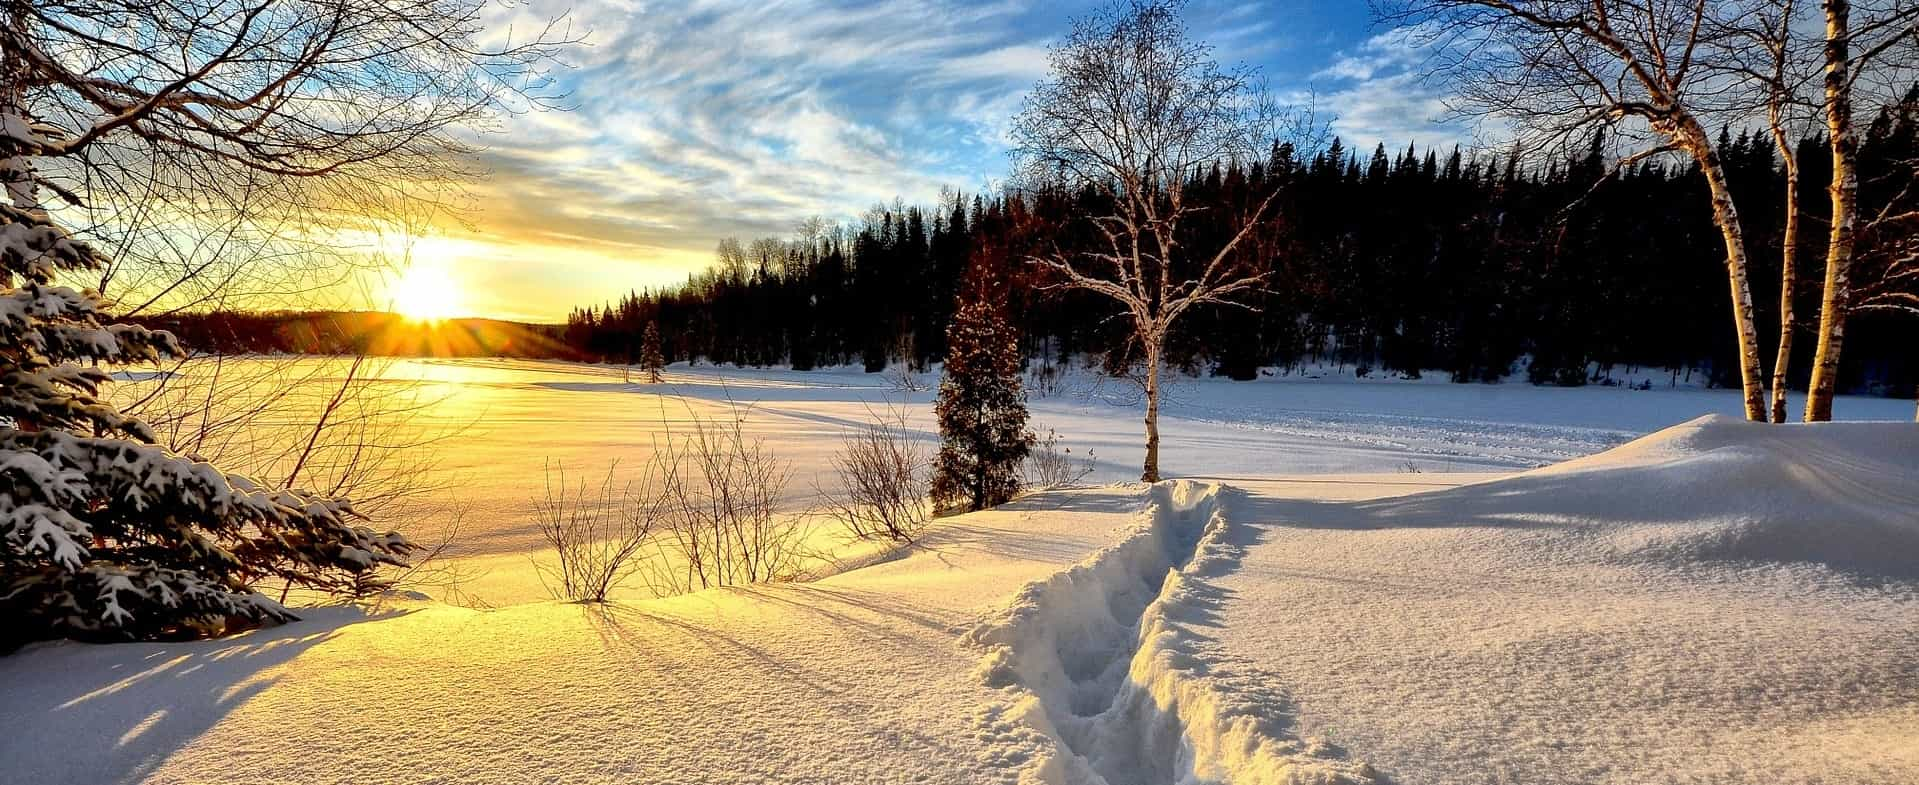 soleil levant sur la neige